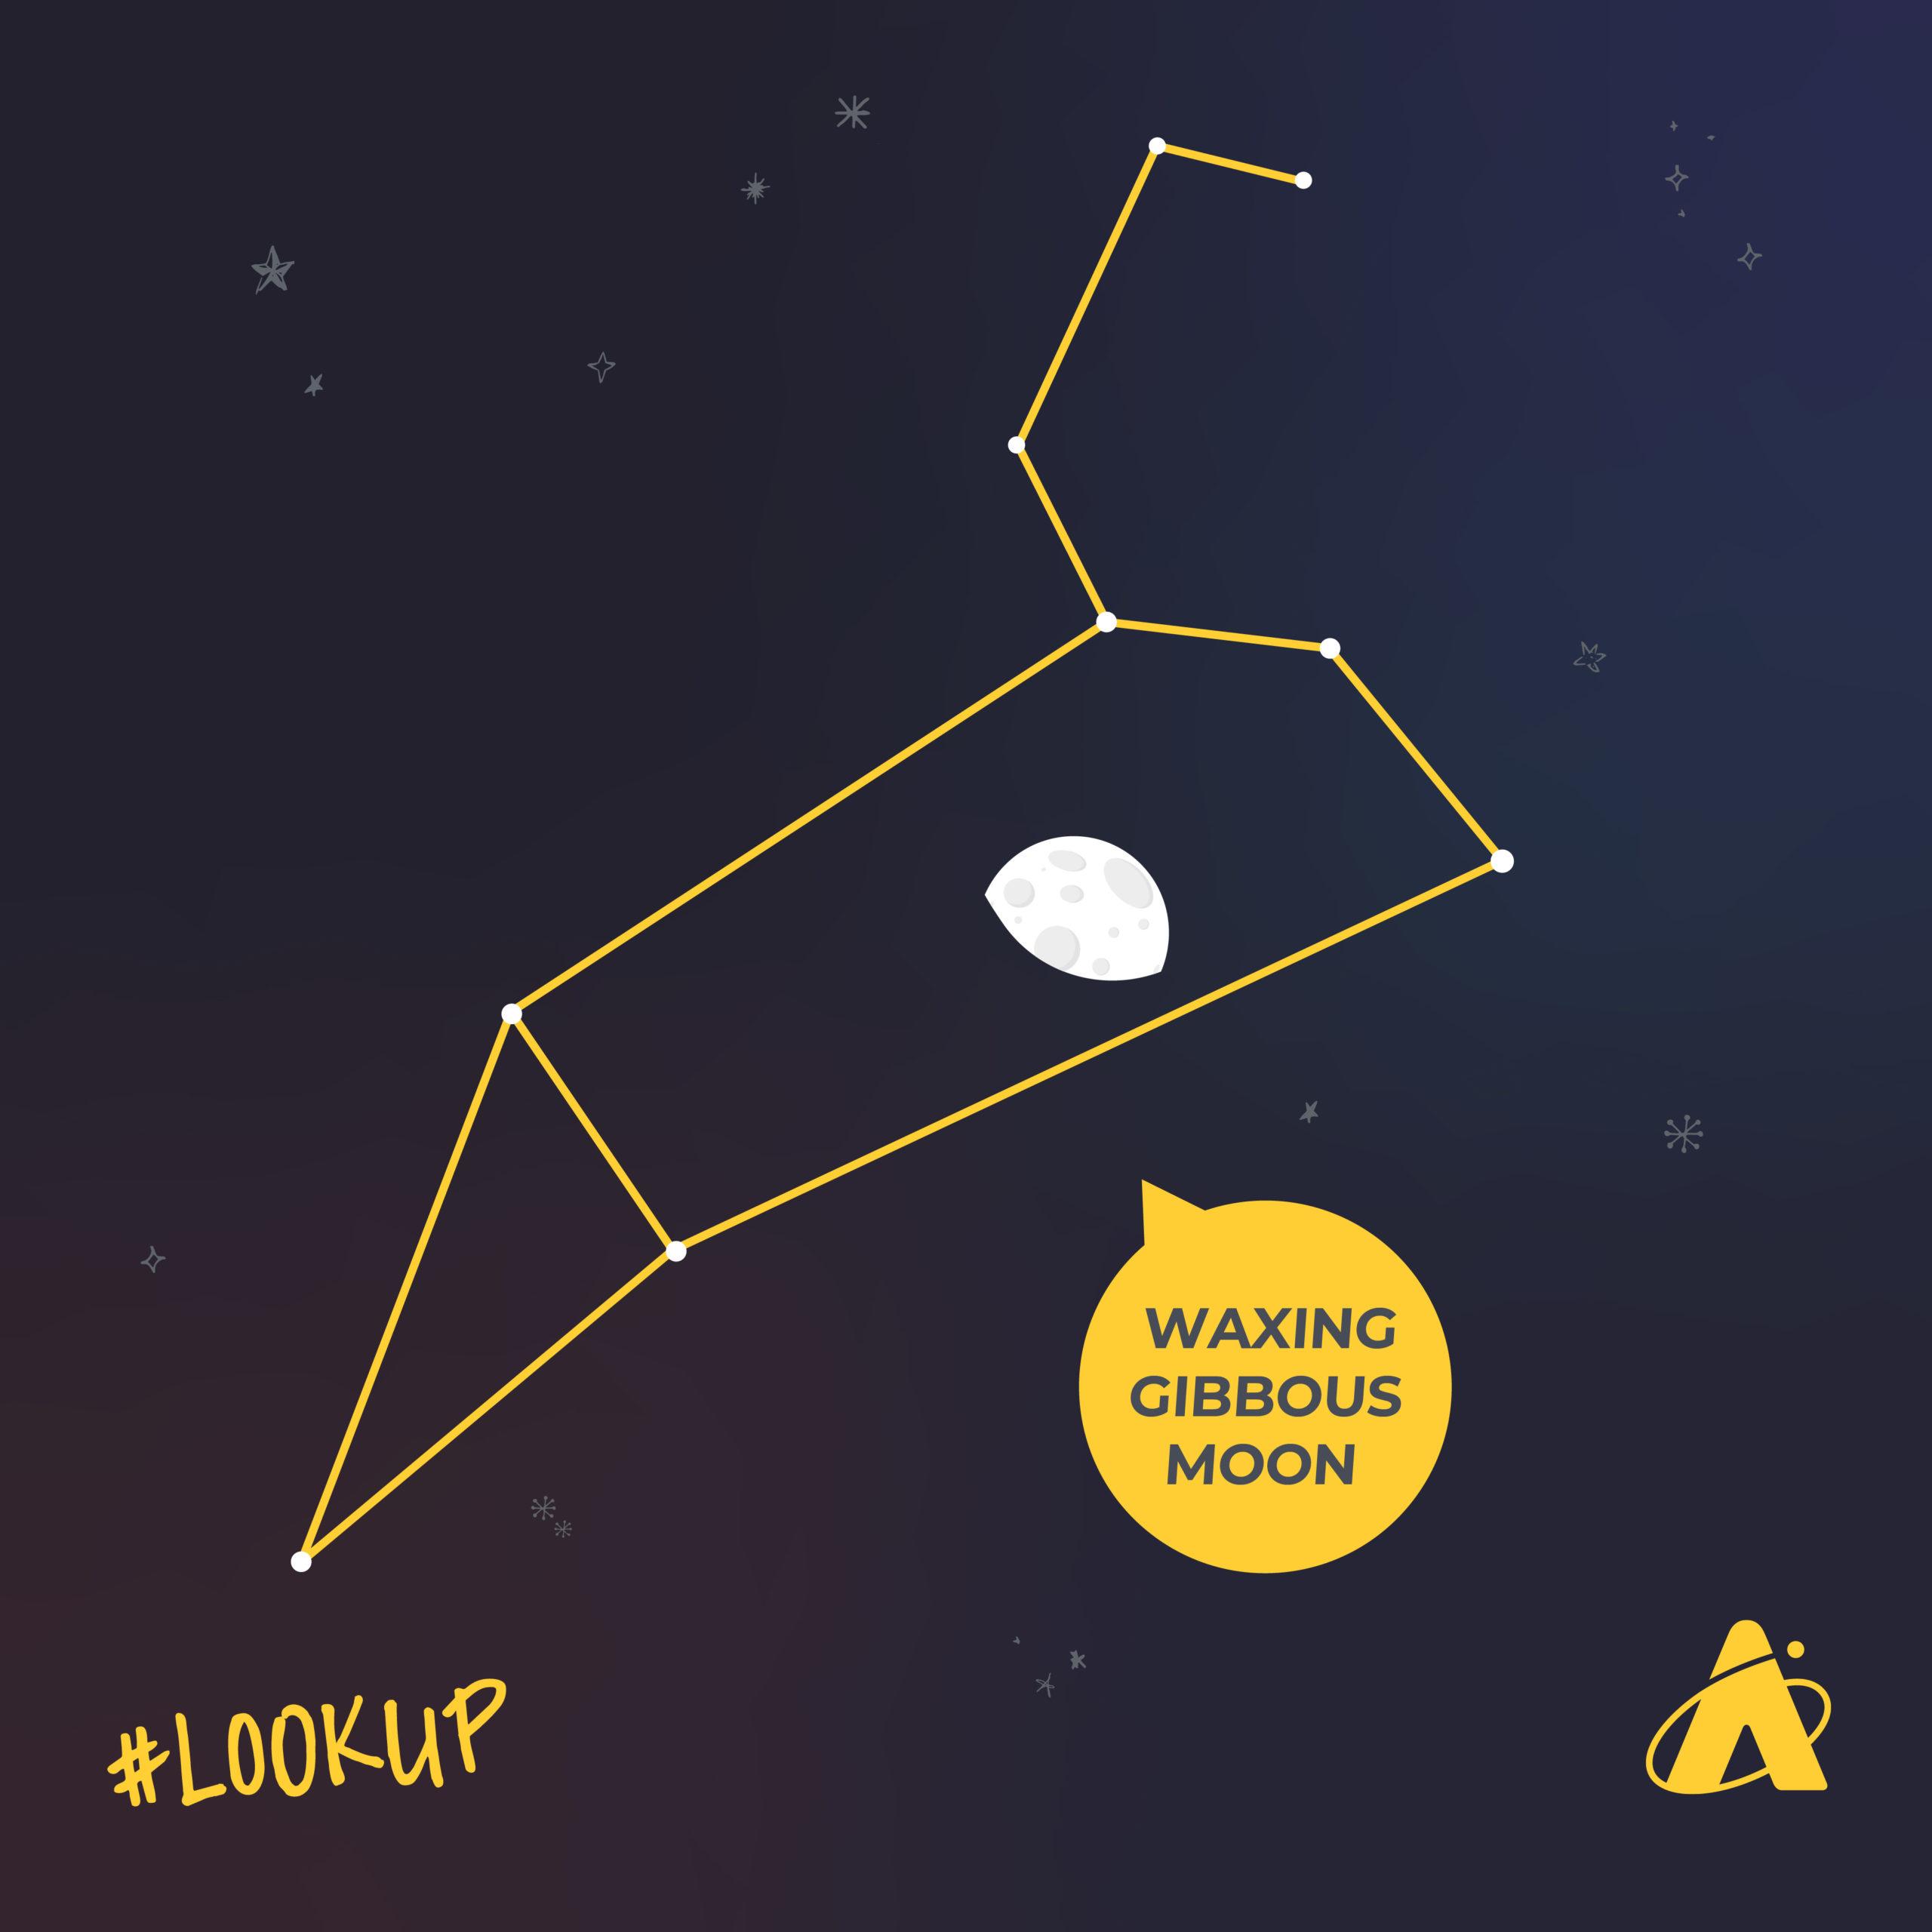 The Waxing Gibbous Moon.